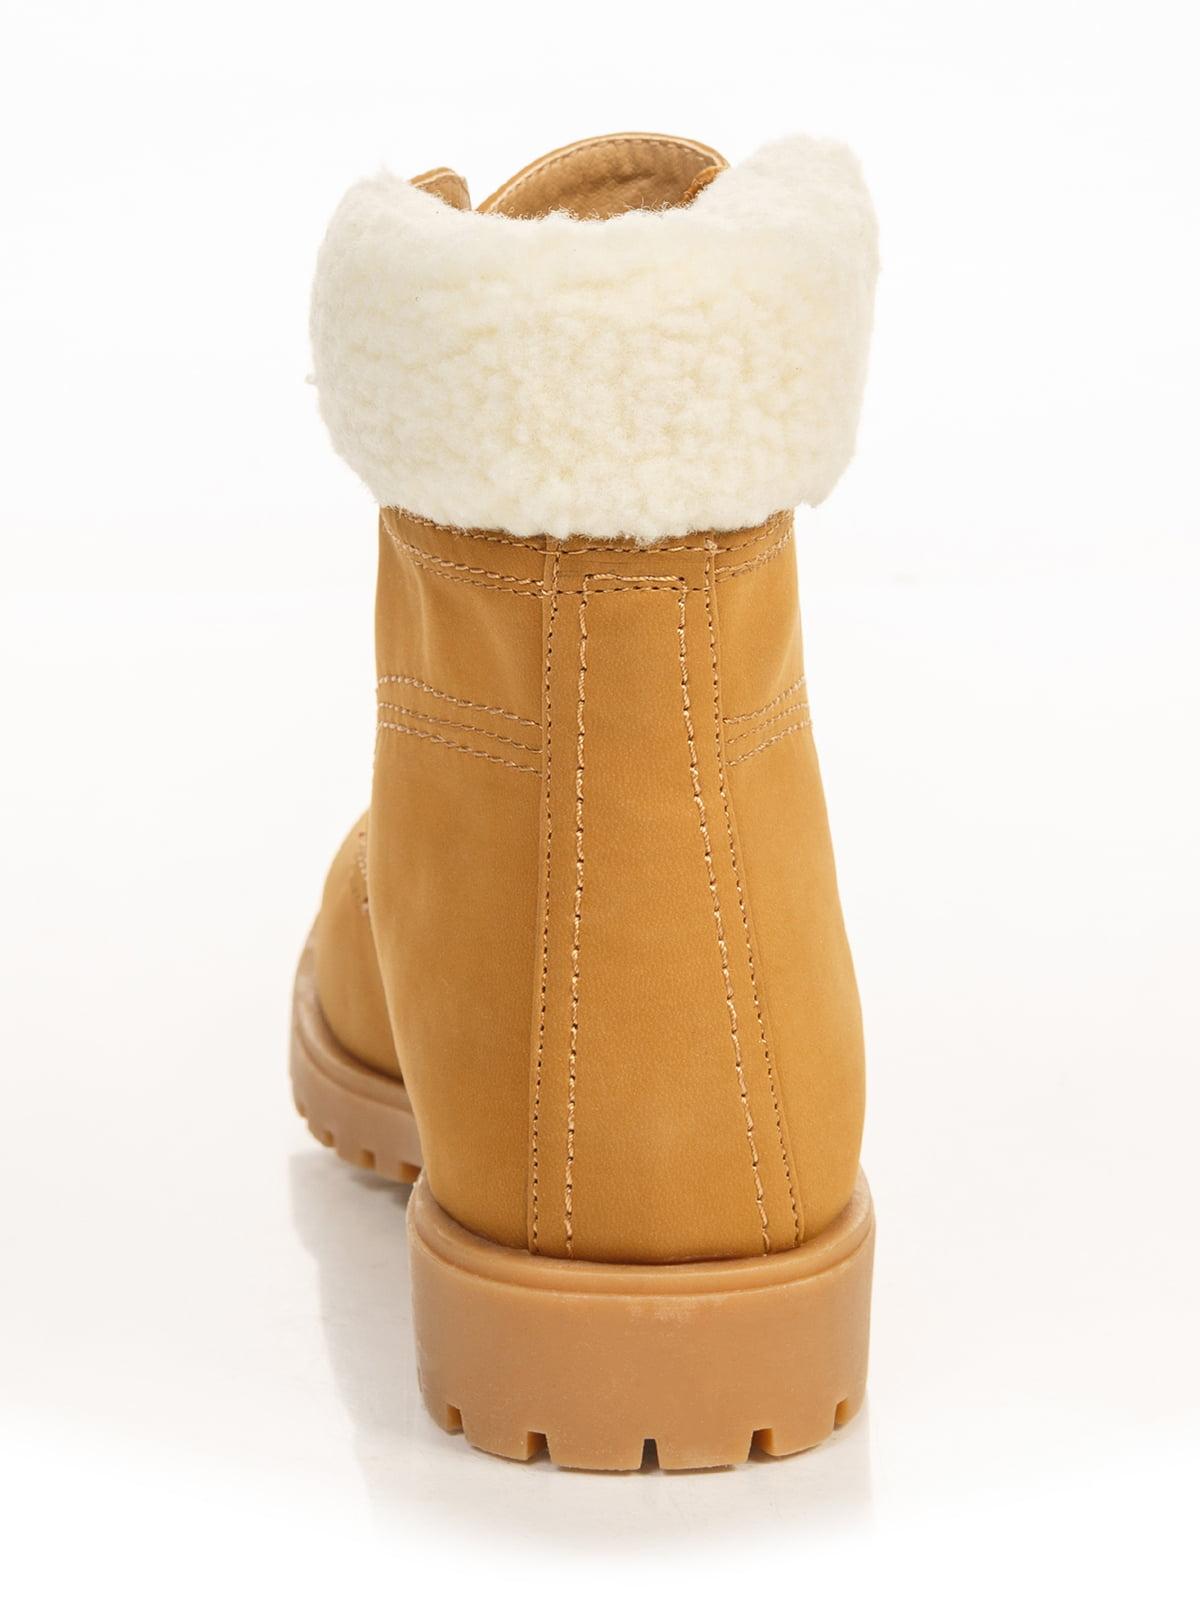 Ботинки коричневые | 2992542 | фото 3